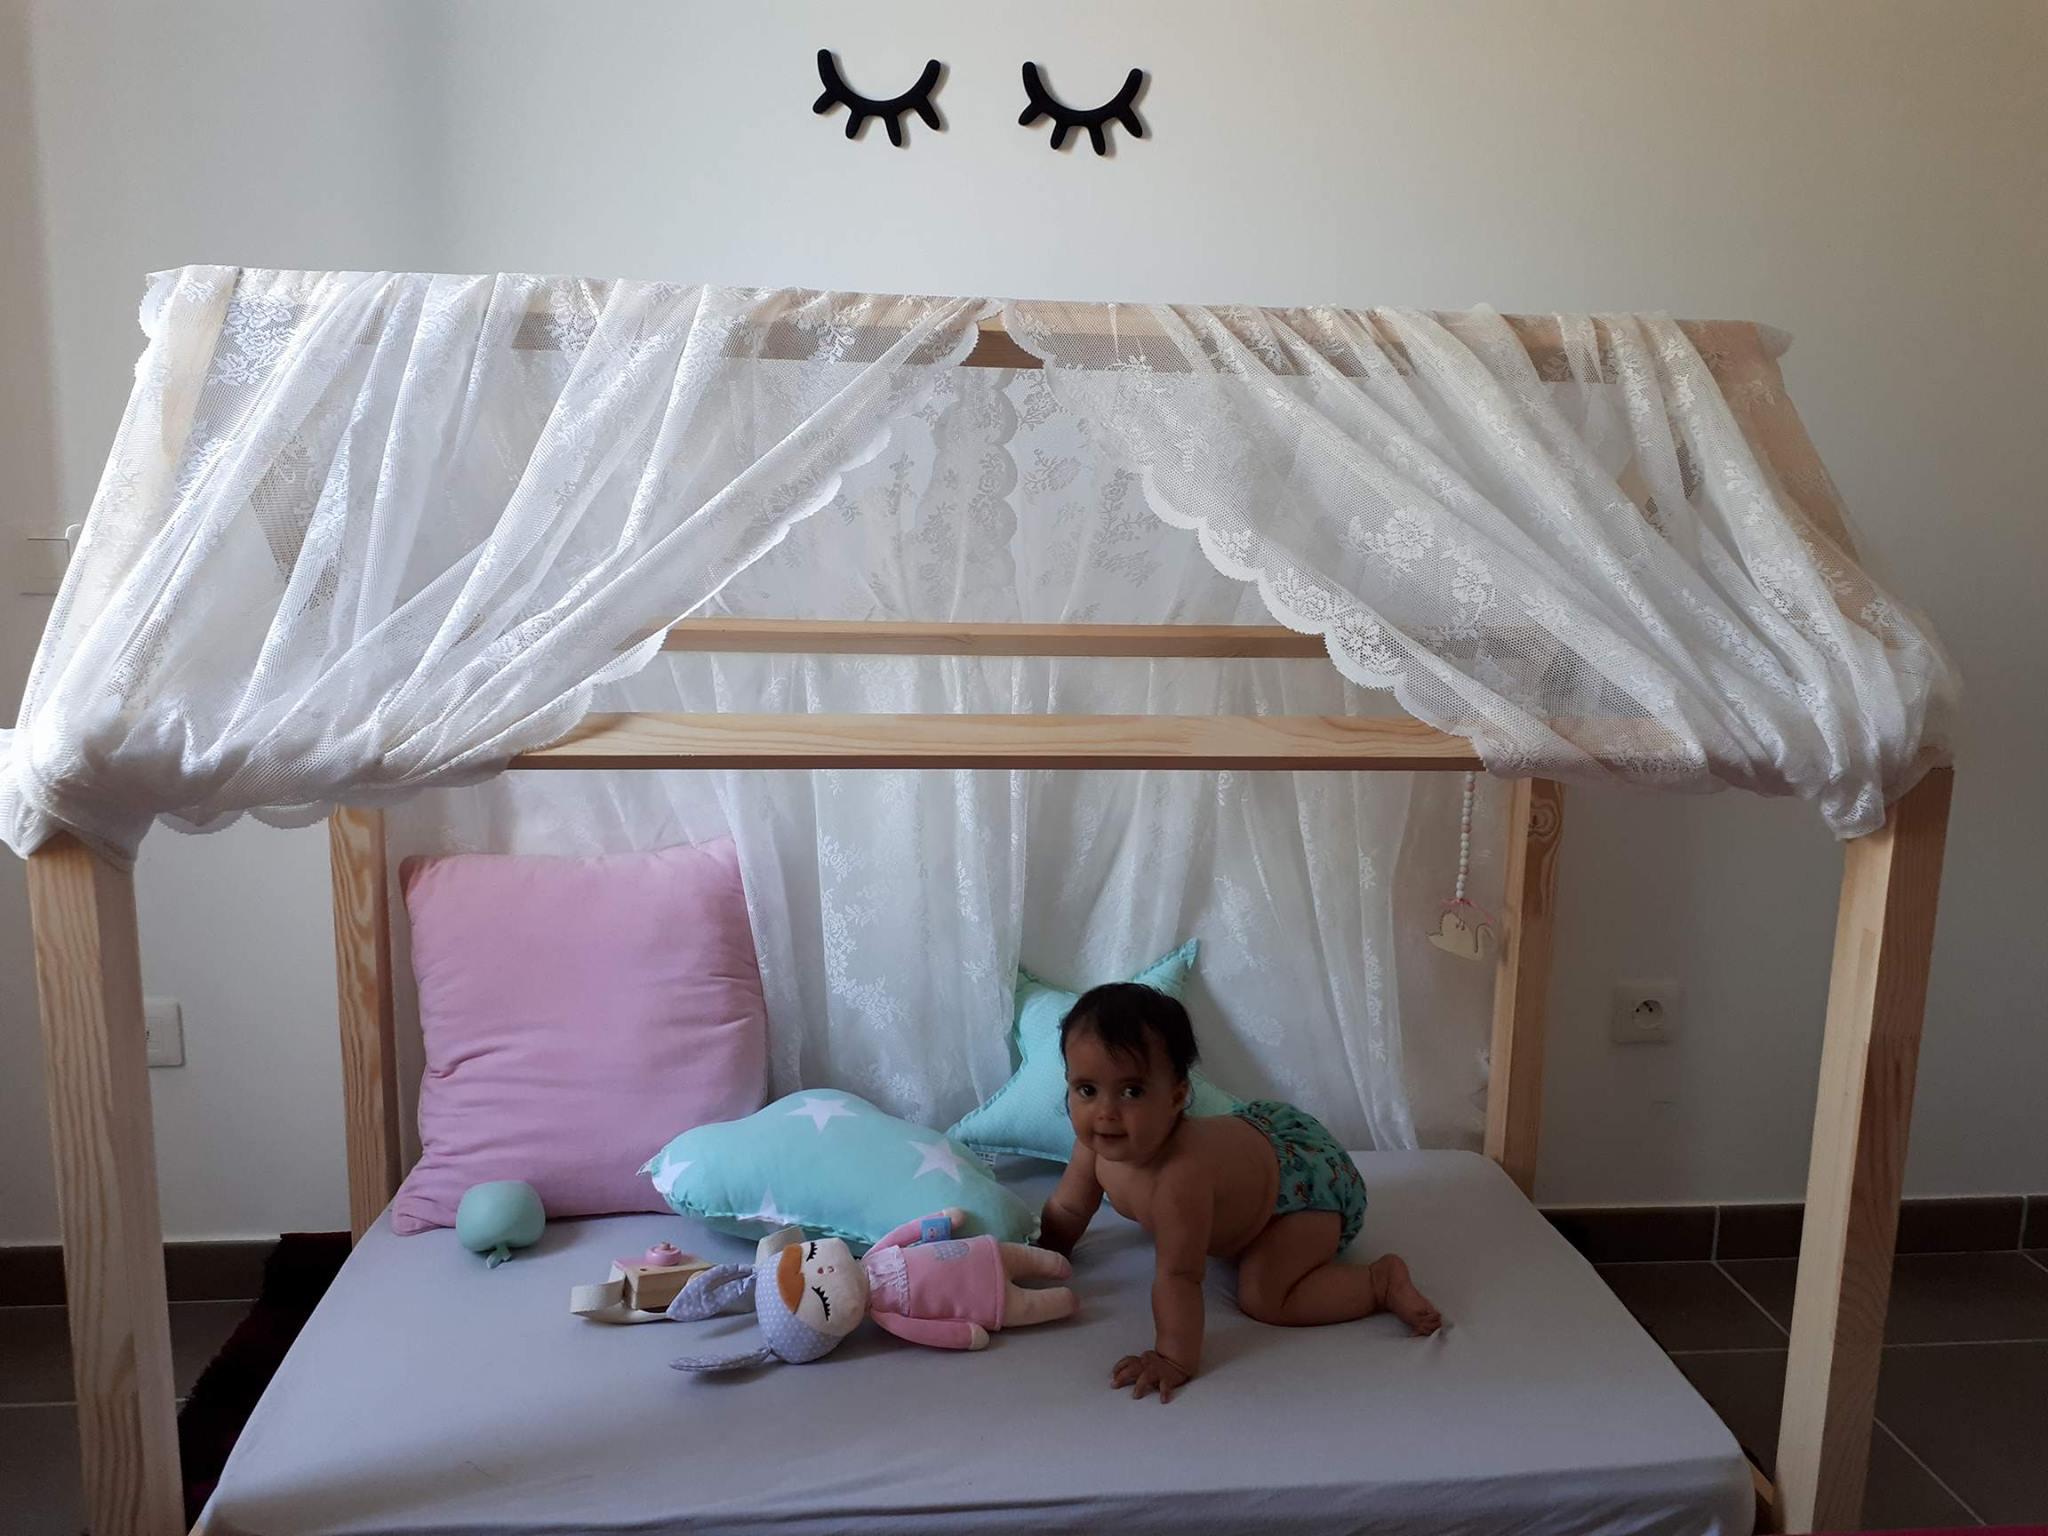 Chambre Matelas Au Sol ma fille dort par terre (ou presque) - le lit au sol façon